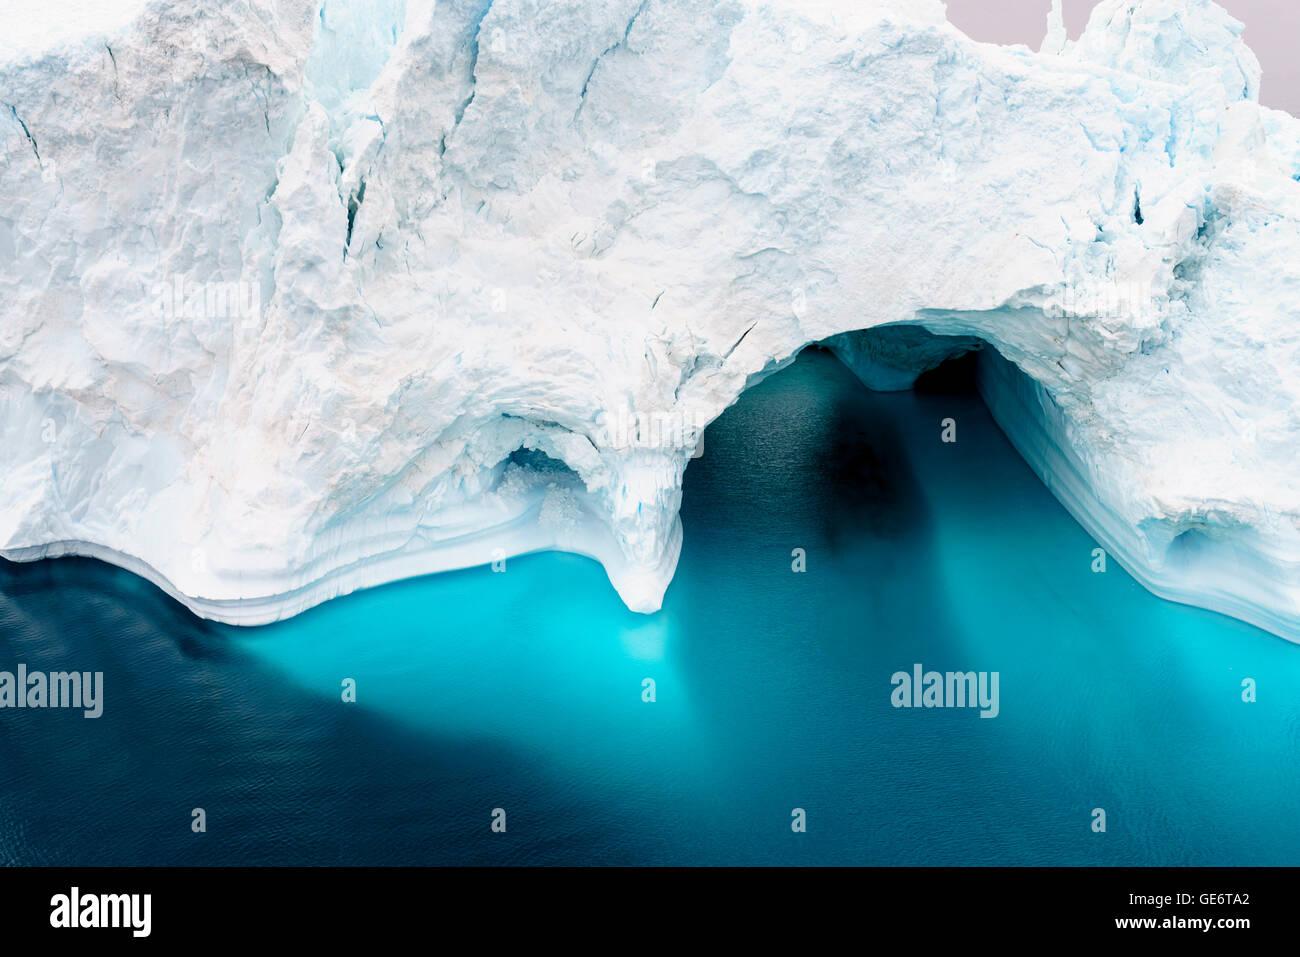 Los icebergs en el océano Ártico en Groenlandia Imagen De Stock